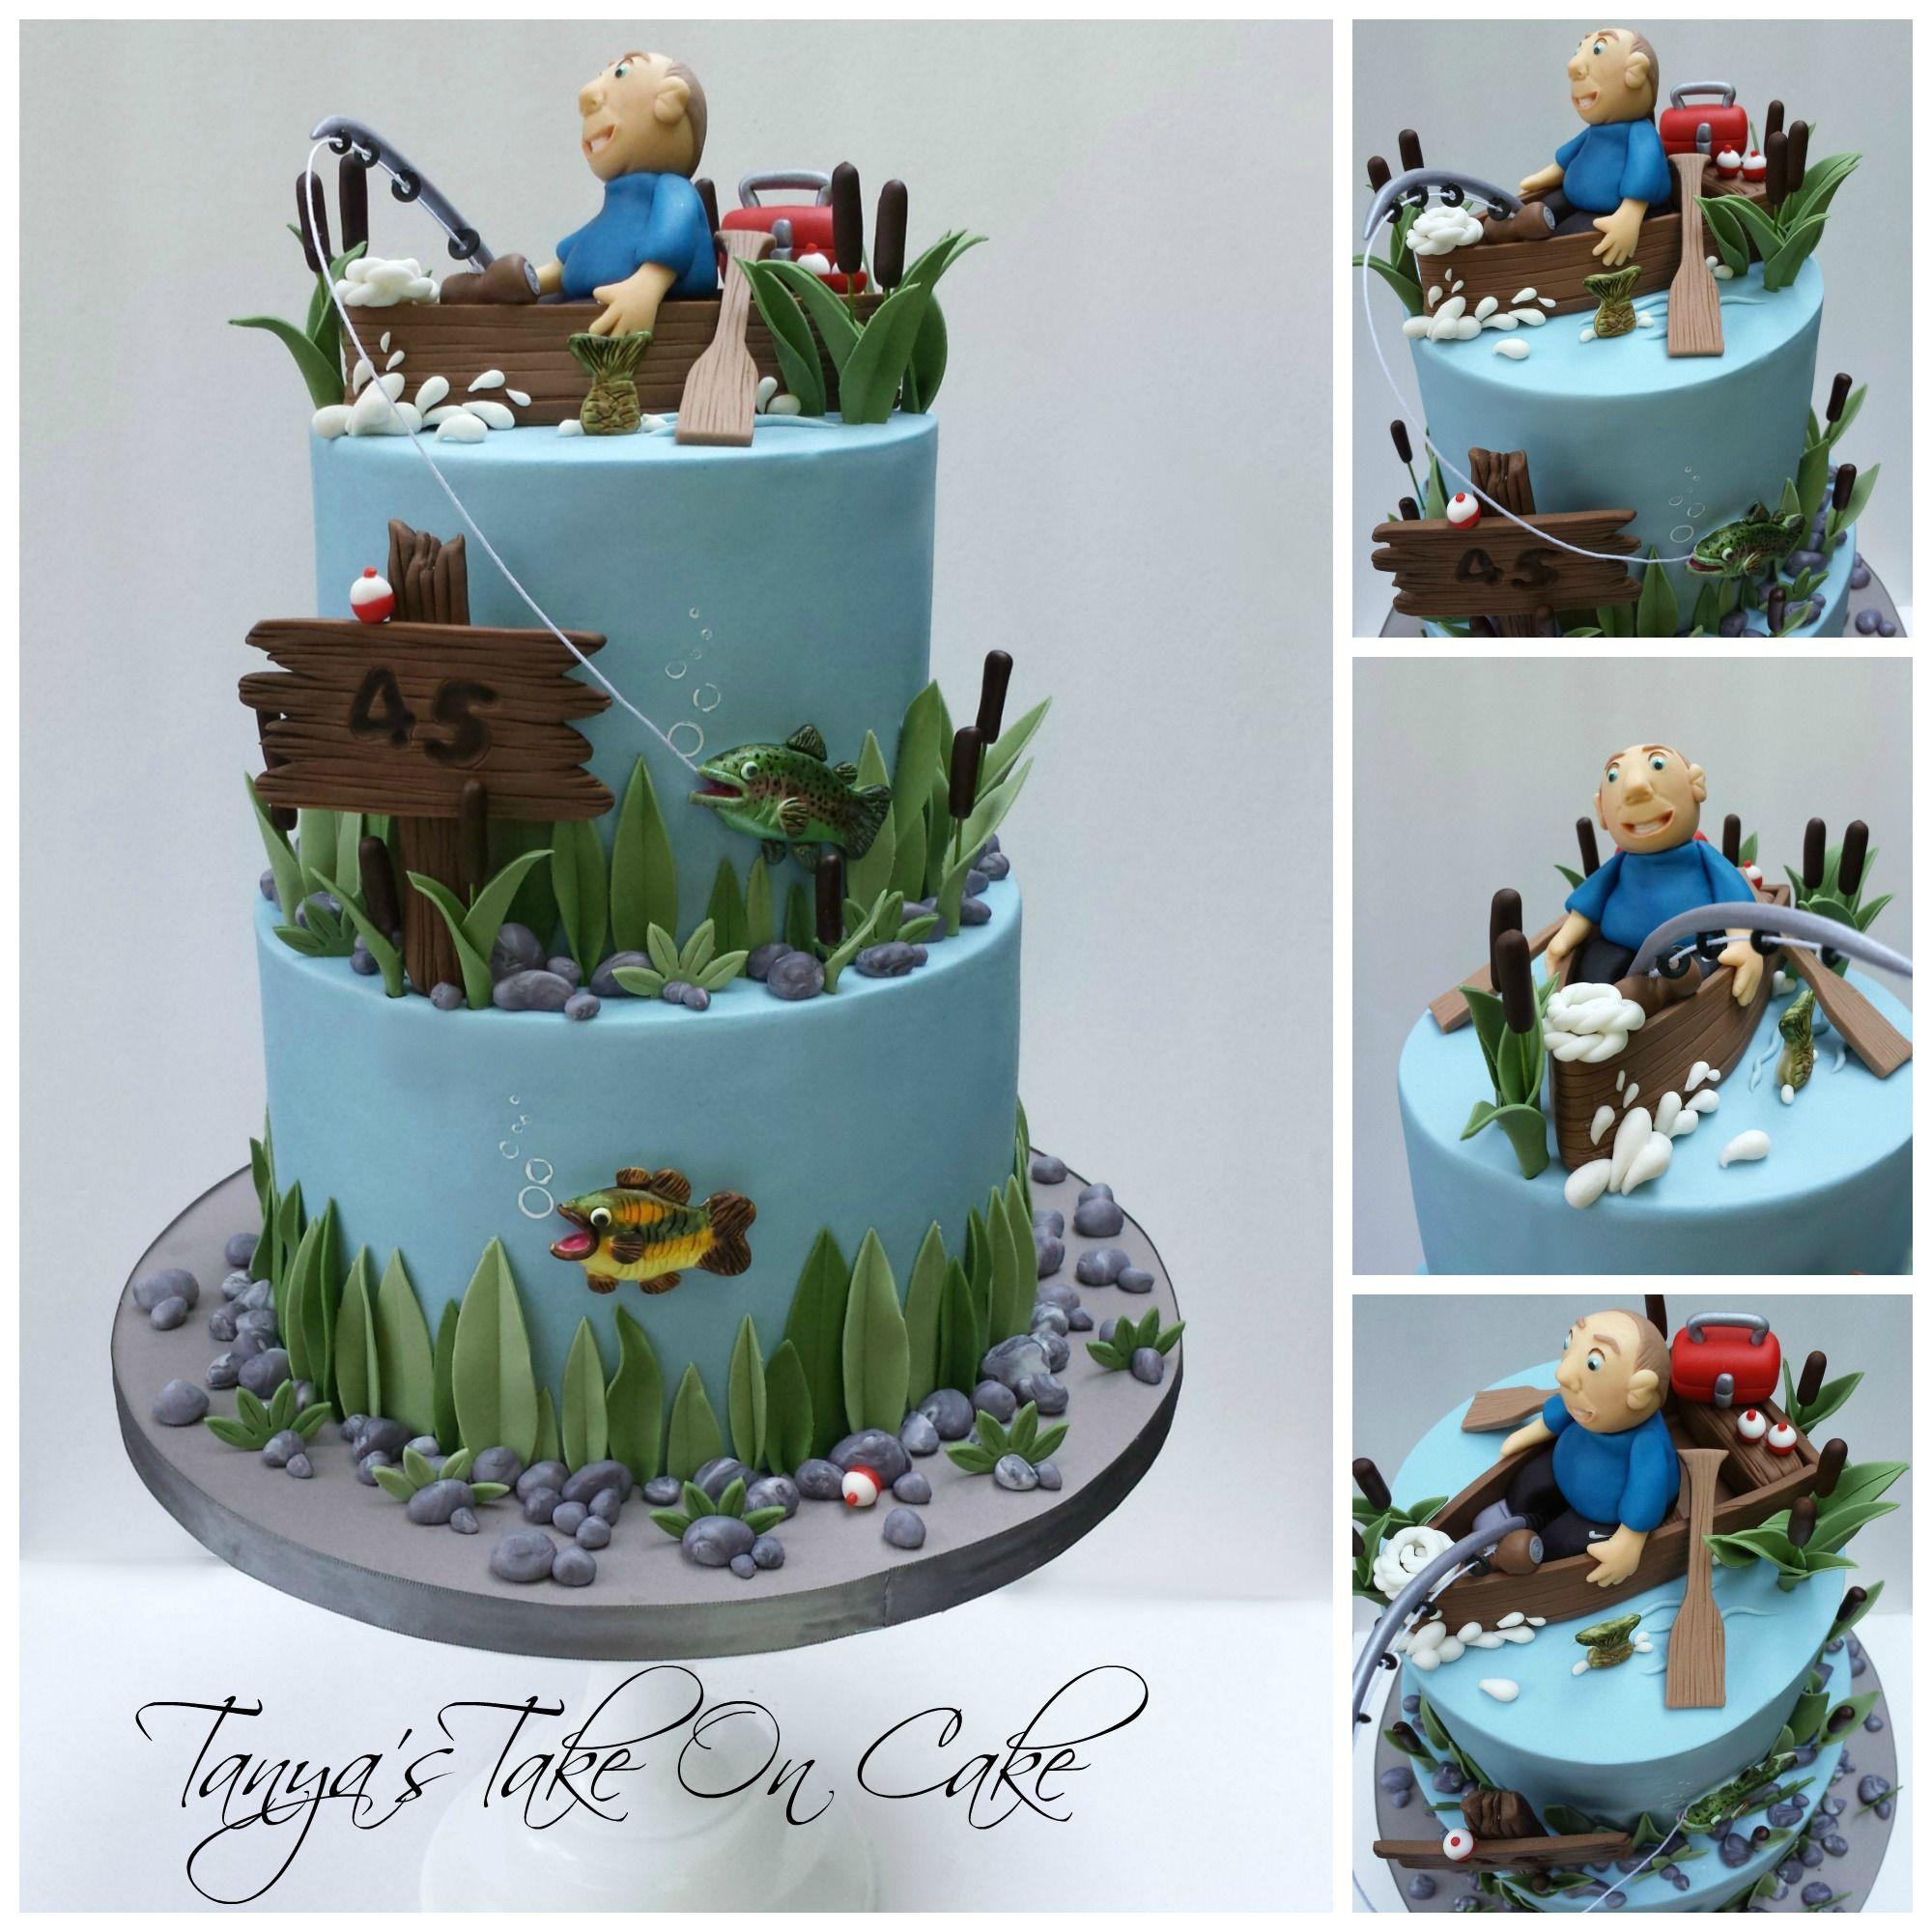 Cake Decorations Fishing Theme : Gone fishing birthday cake. Fishing themed birthday cake ...